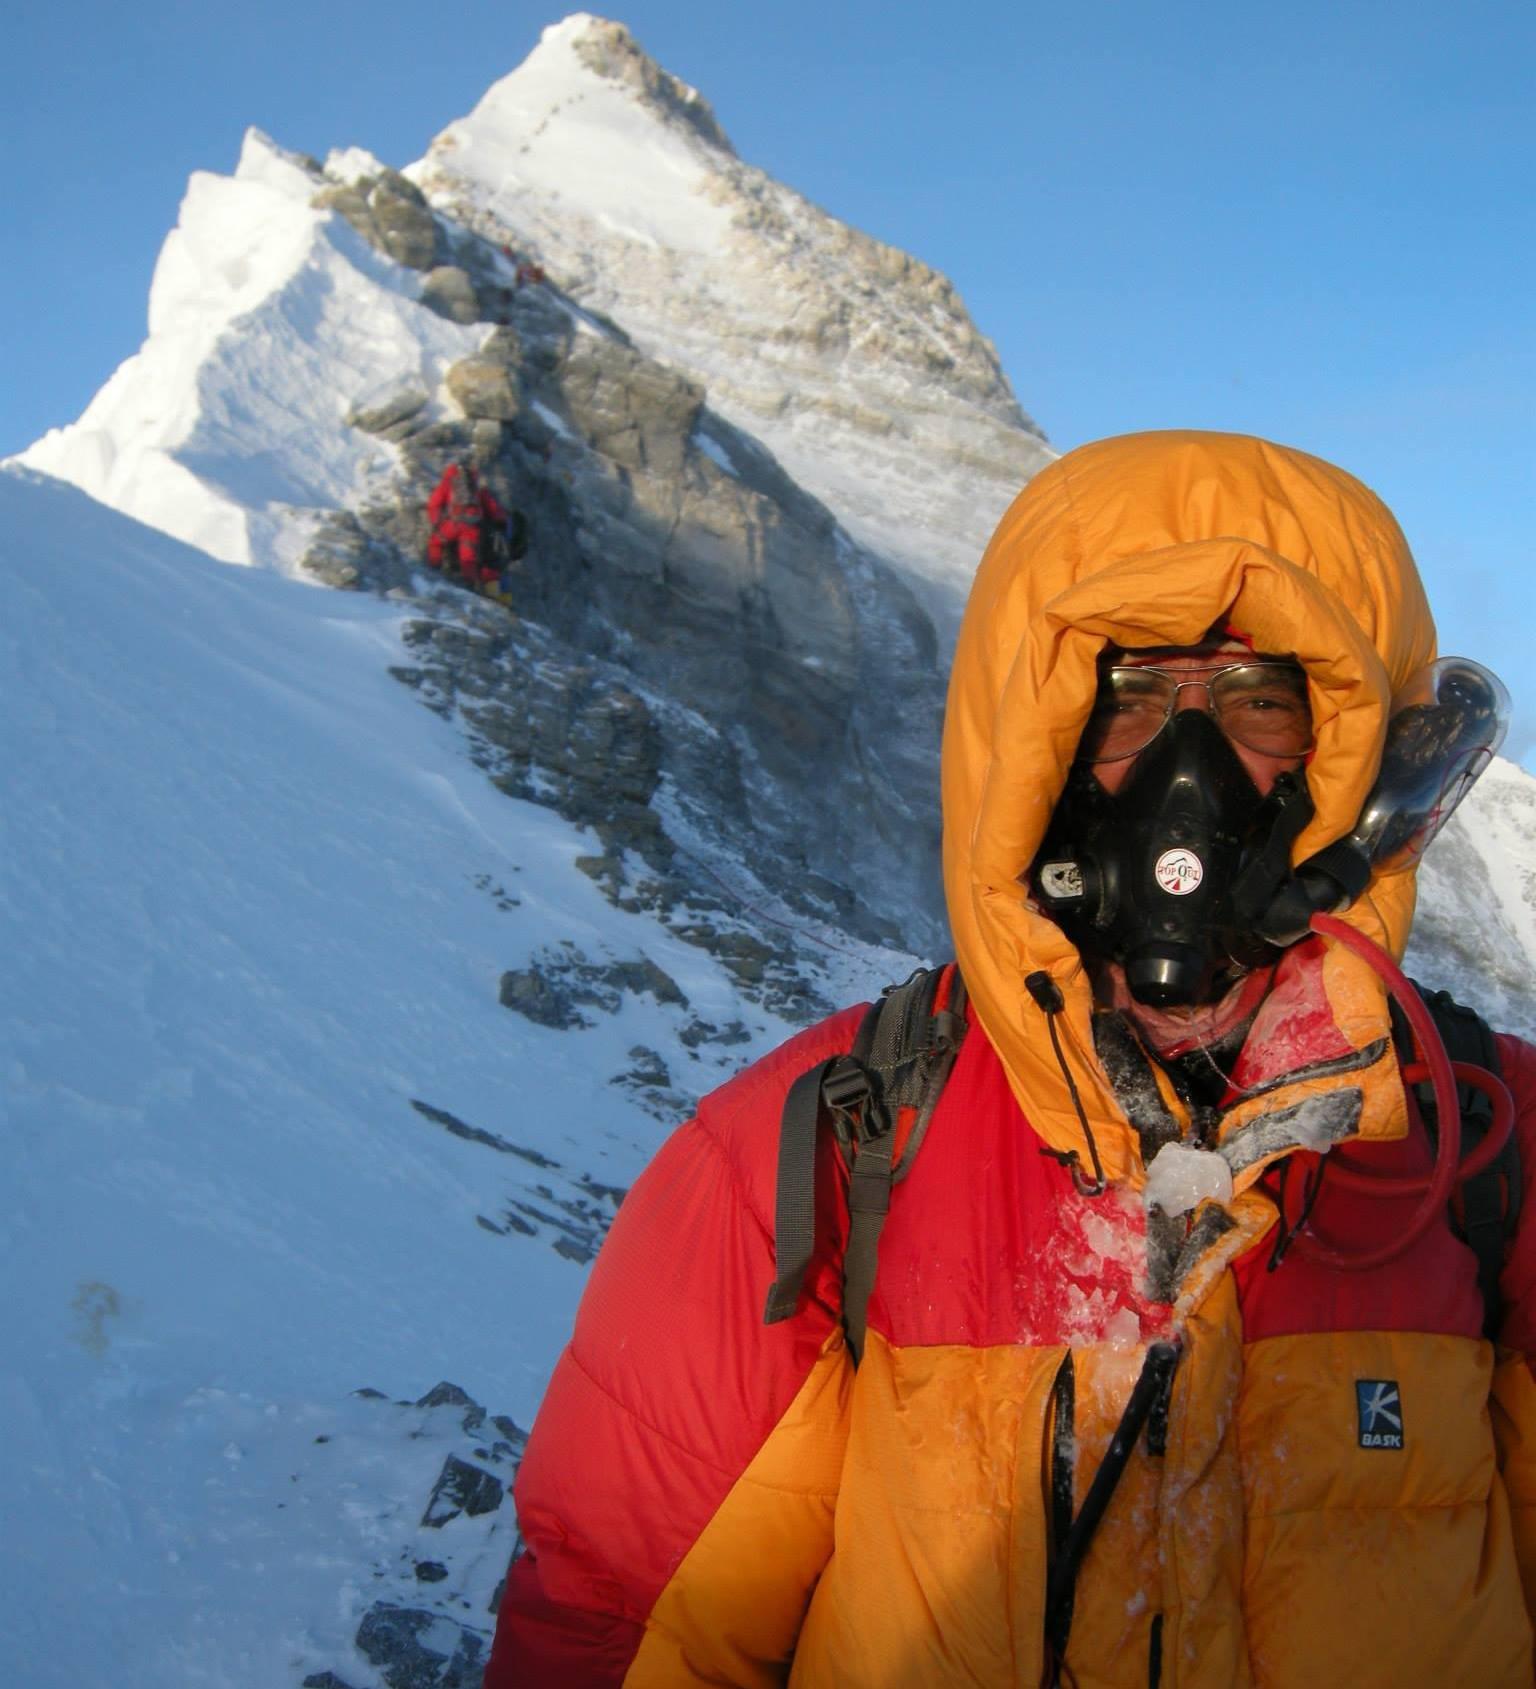 высотное снаряжение горного альпиниста